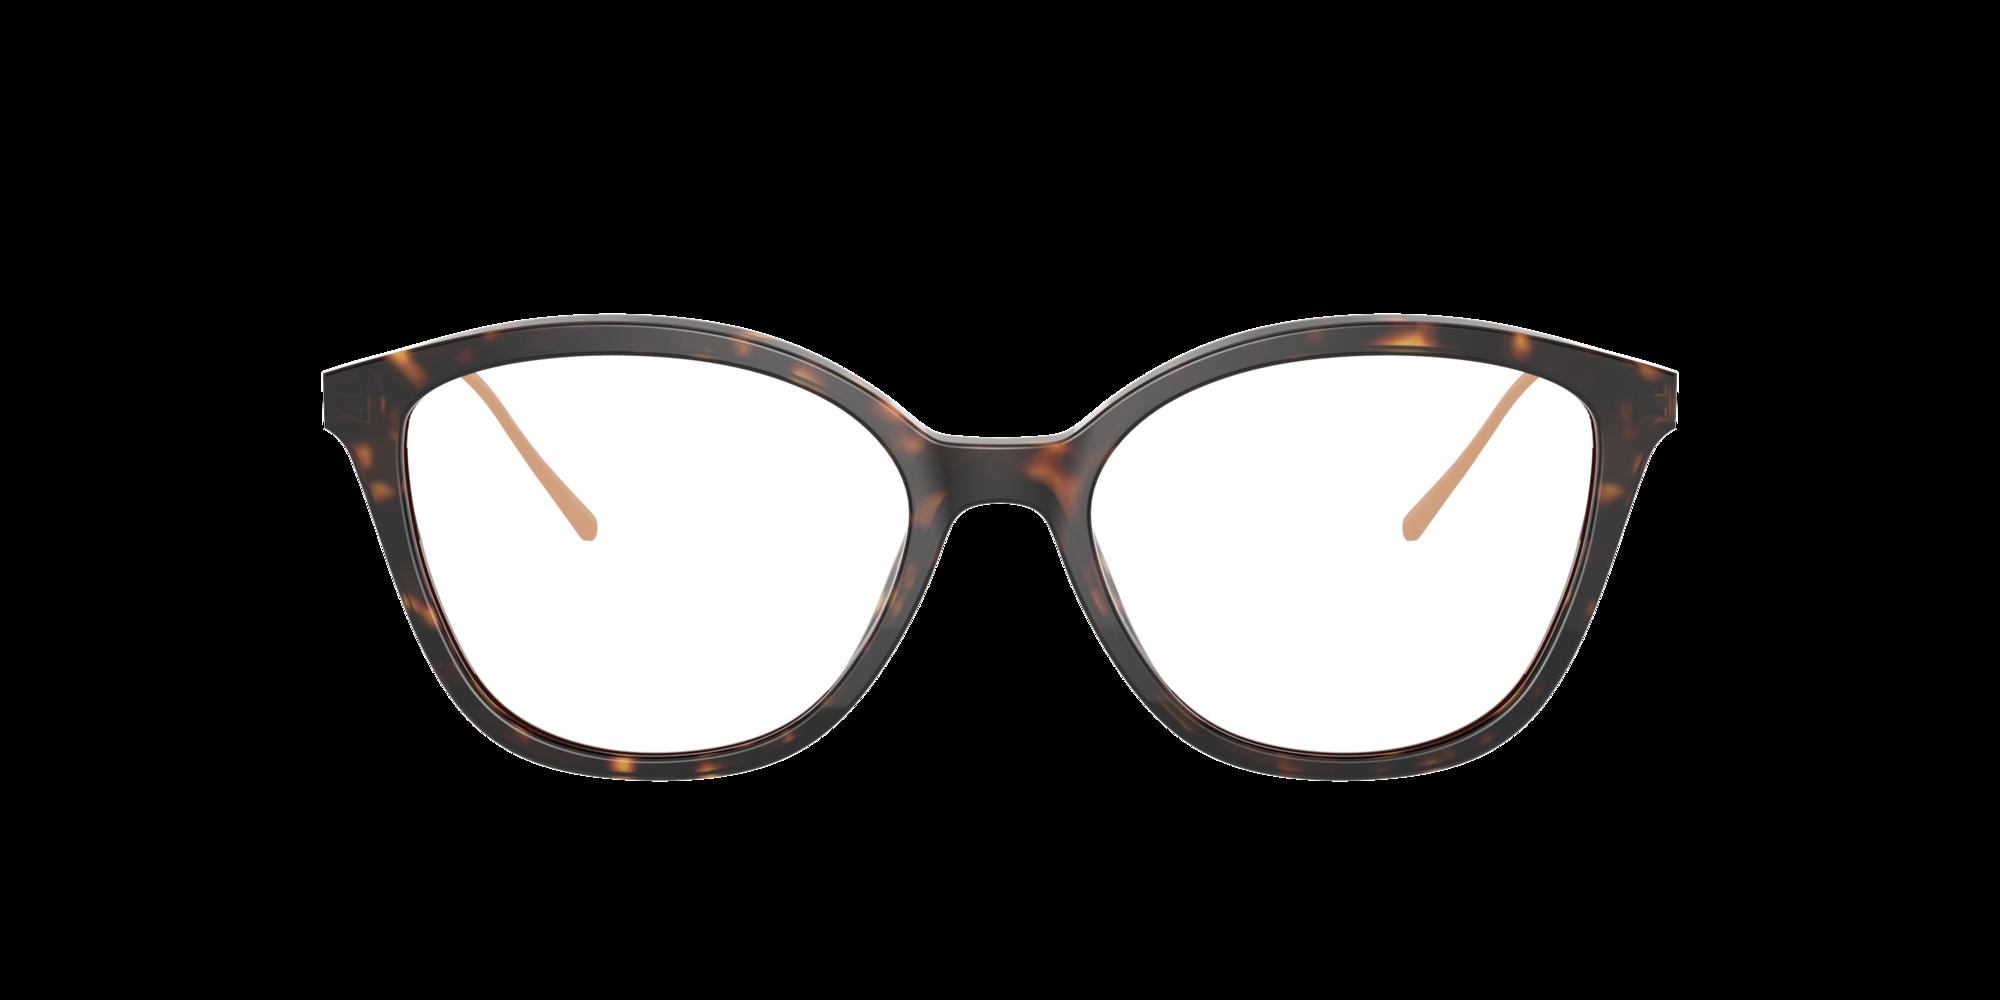 Imagen para PR 11VV CONCEPTUAL de LensCrafters |  Espejuelos, espejuelos graduados en línea, gafas